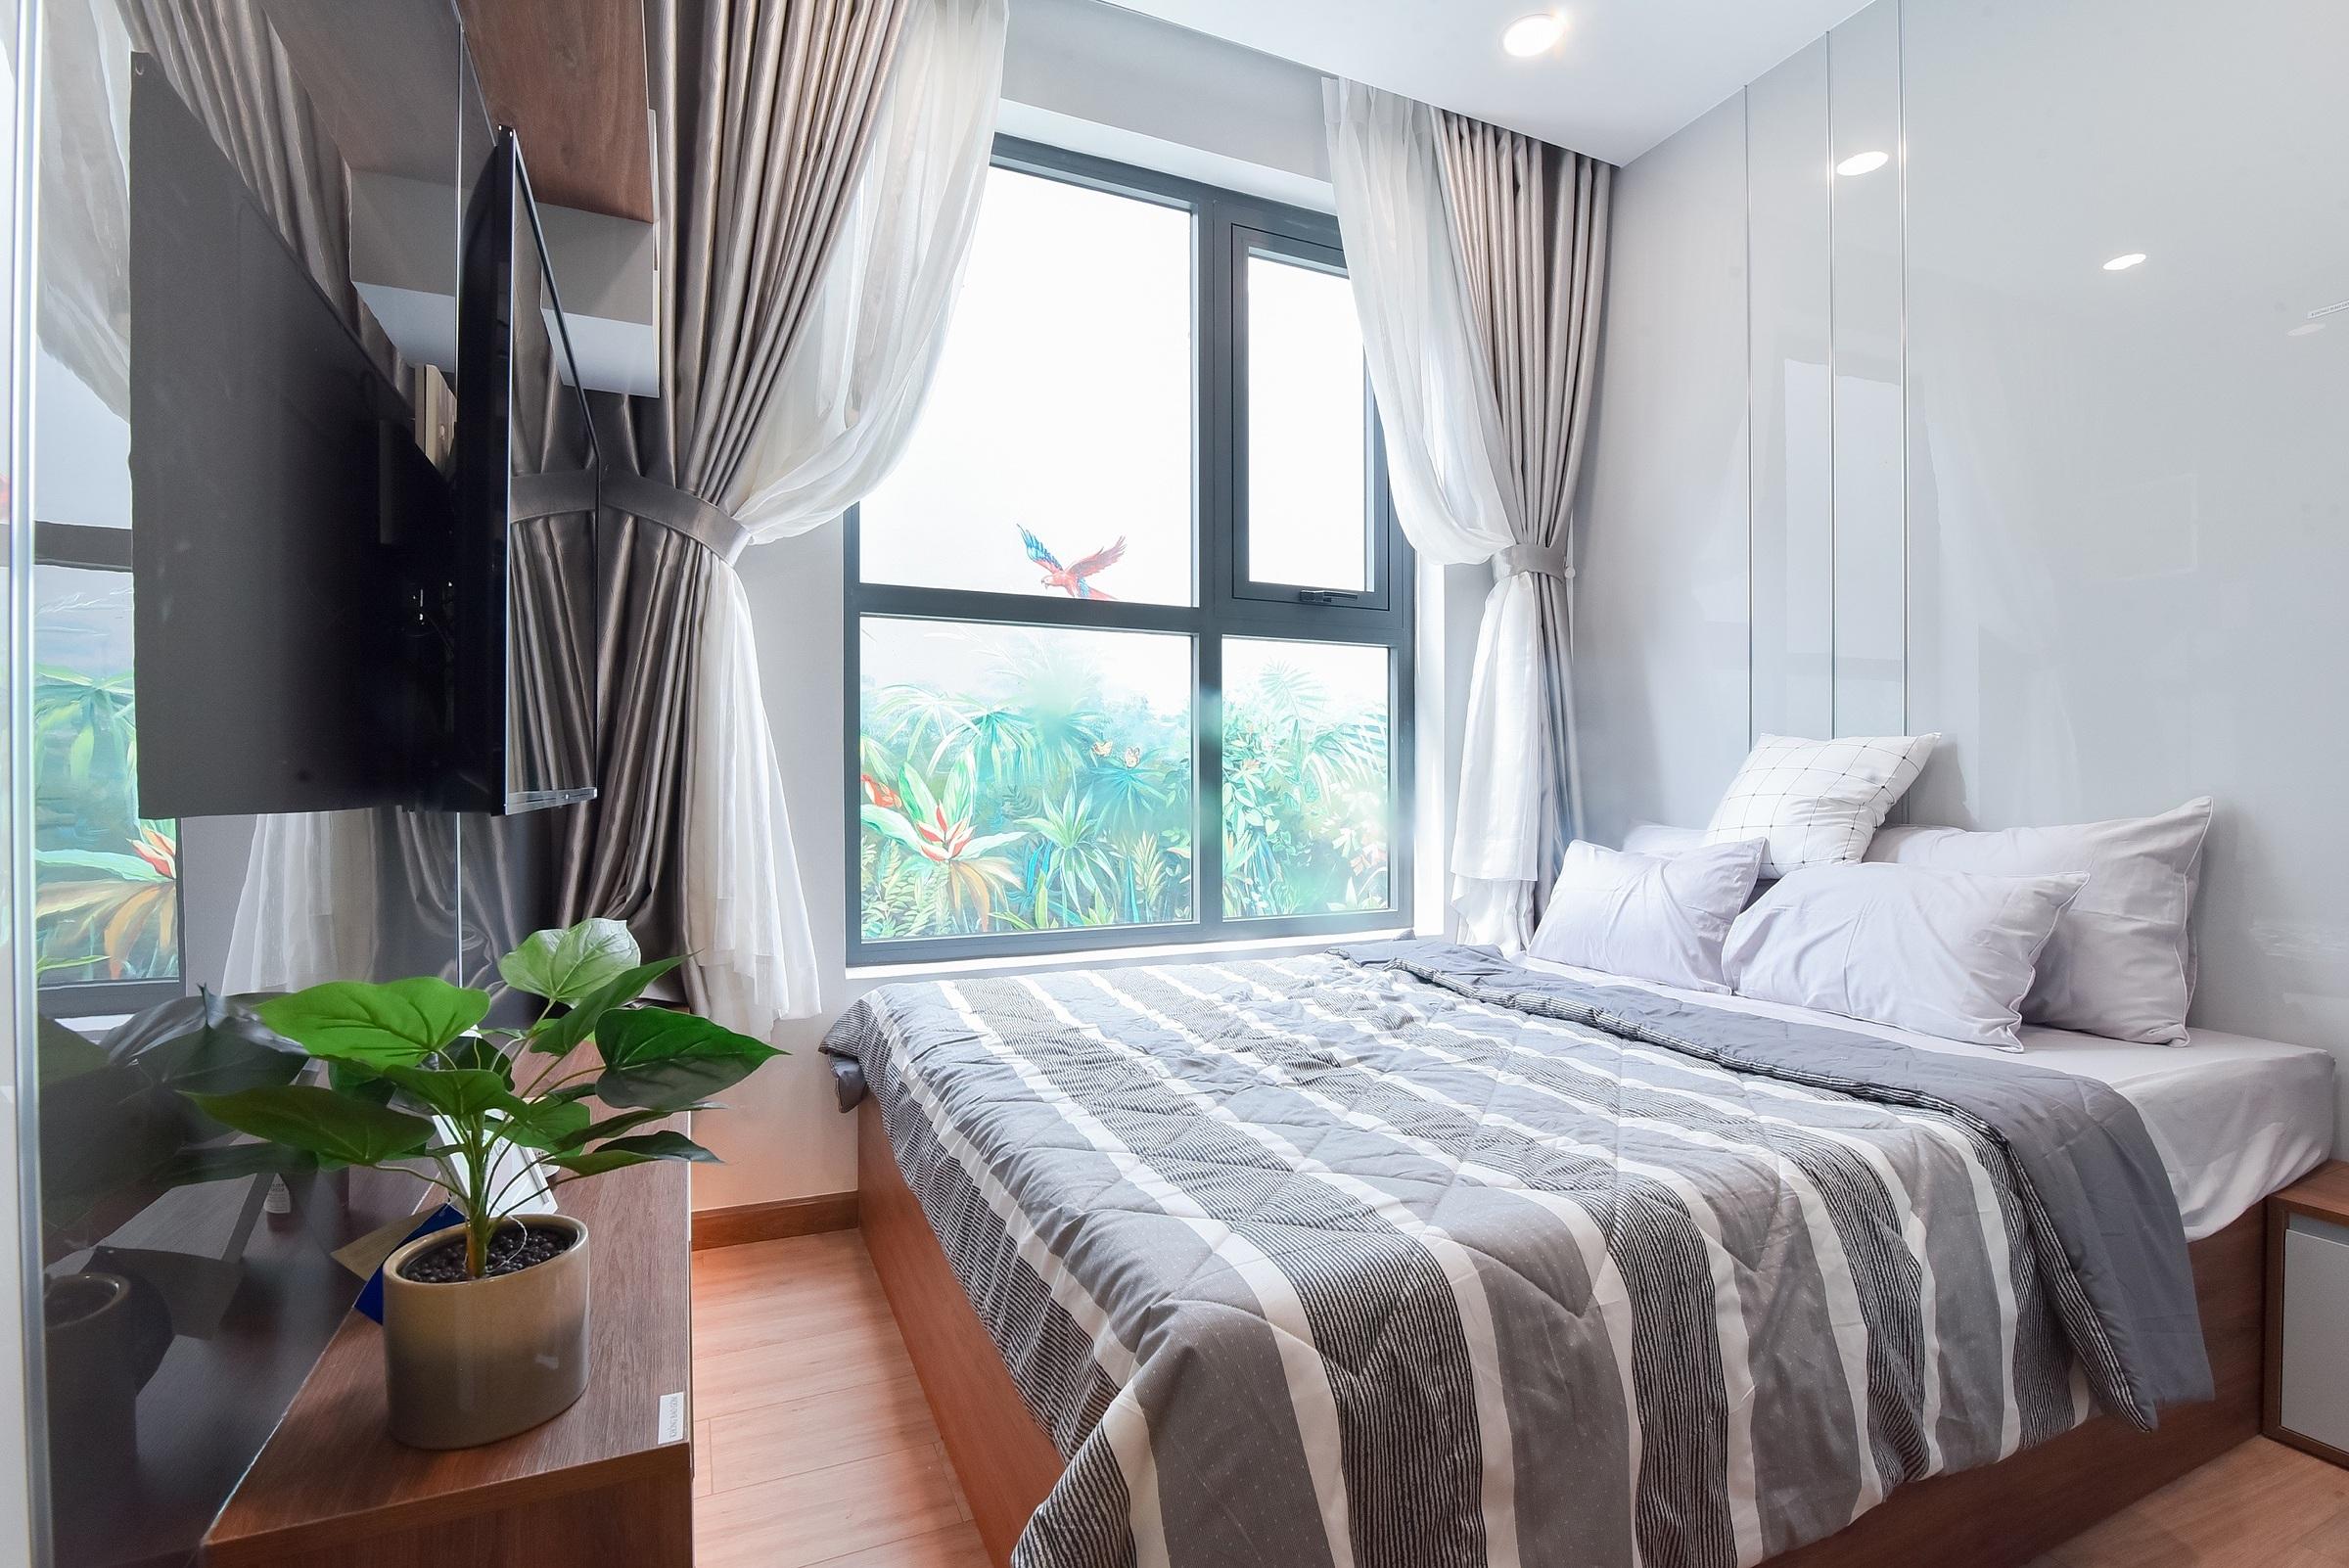 Bcons gợi ý cách thiết kế để tăng độ rộng cho phòng ngủ với sàn ốp gỗ, đón ánh sáng và khí trời qua hệ thống cửa sổ lớn.